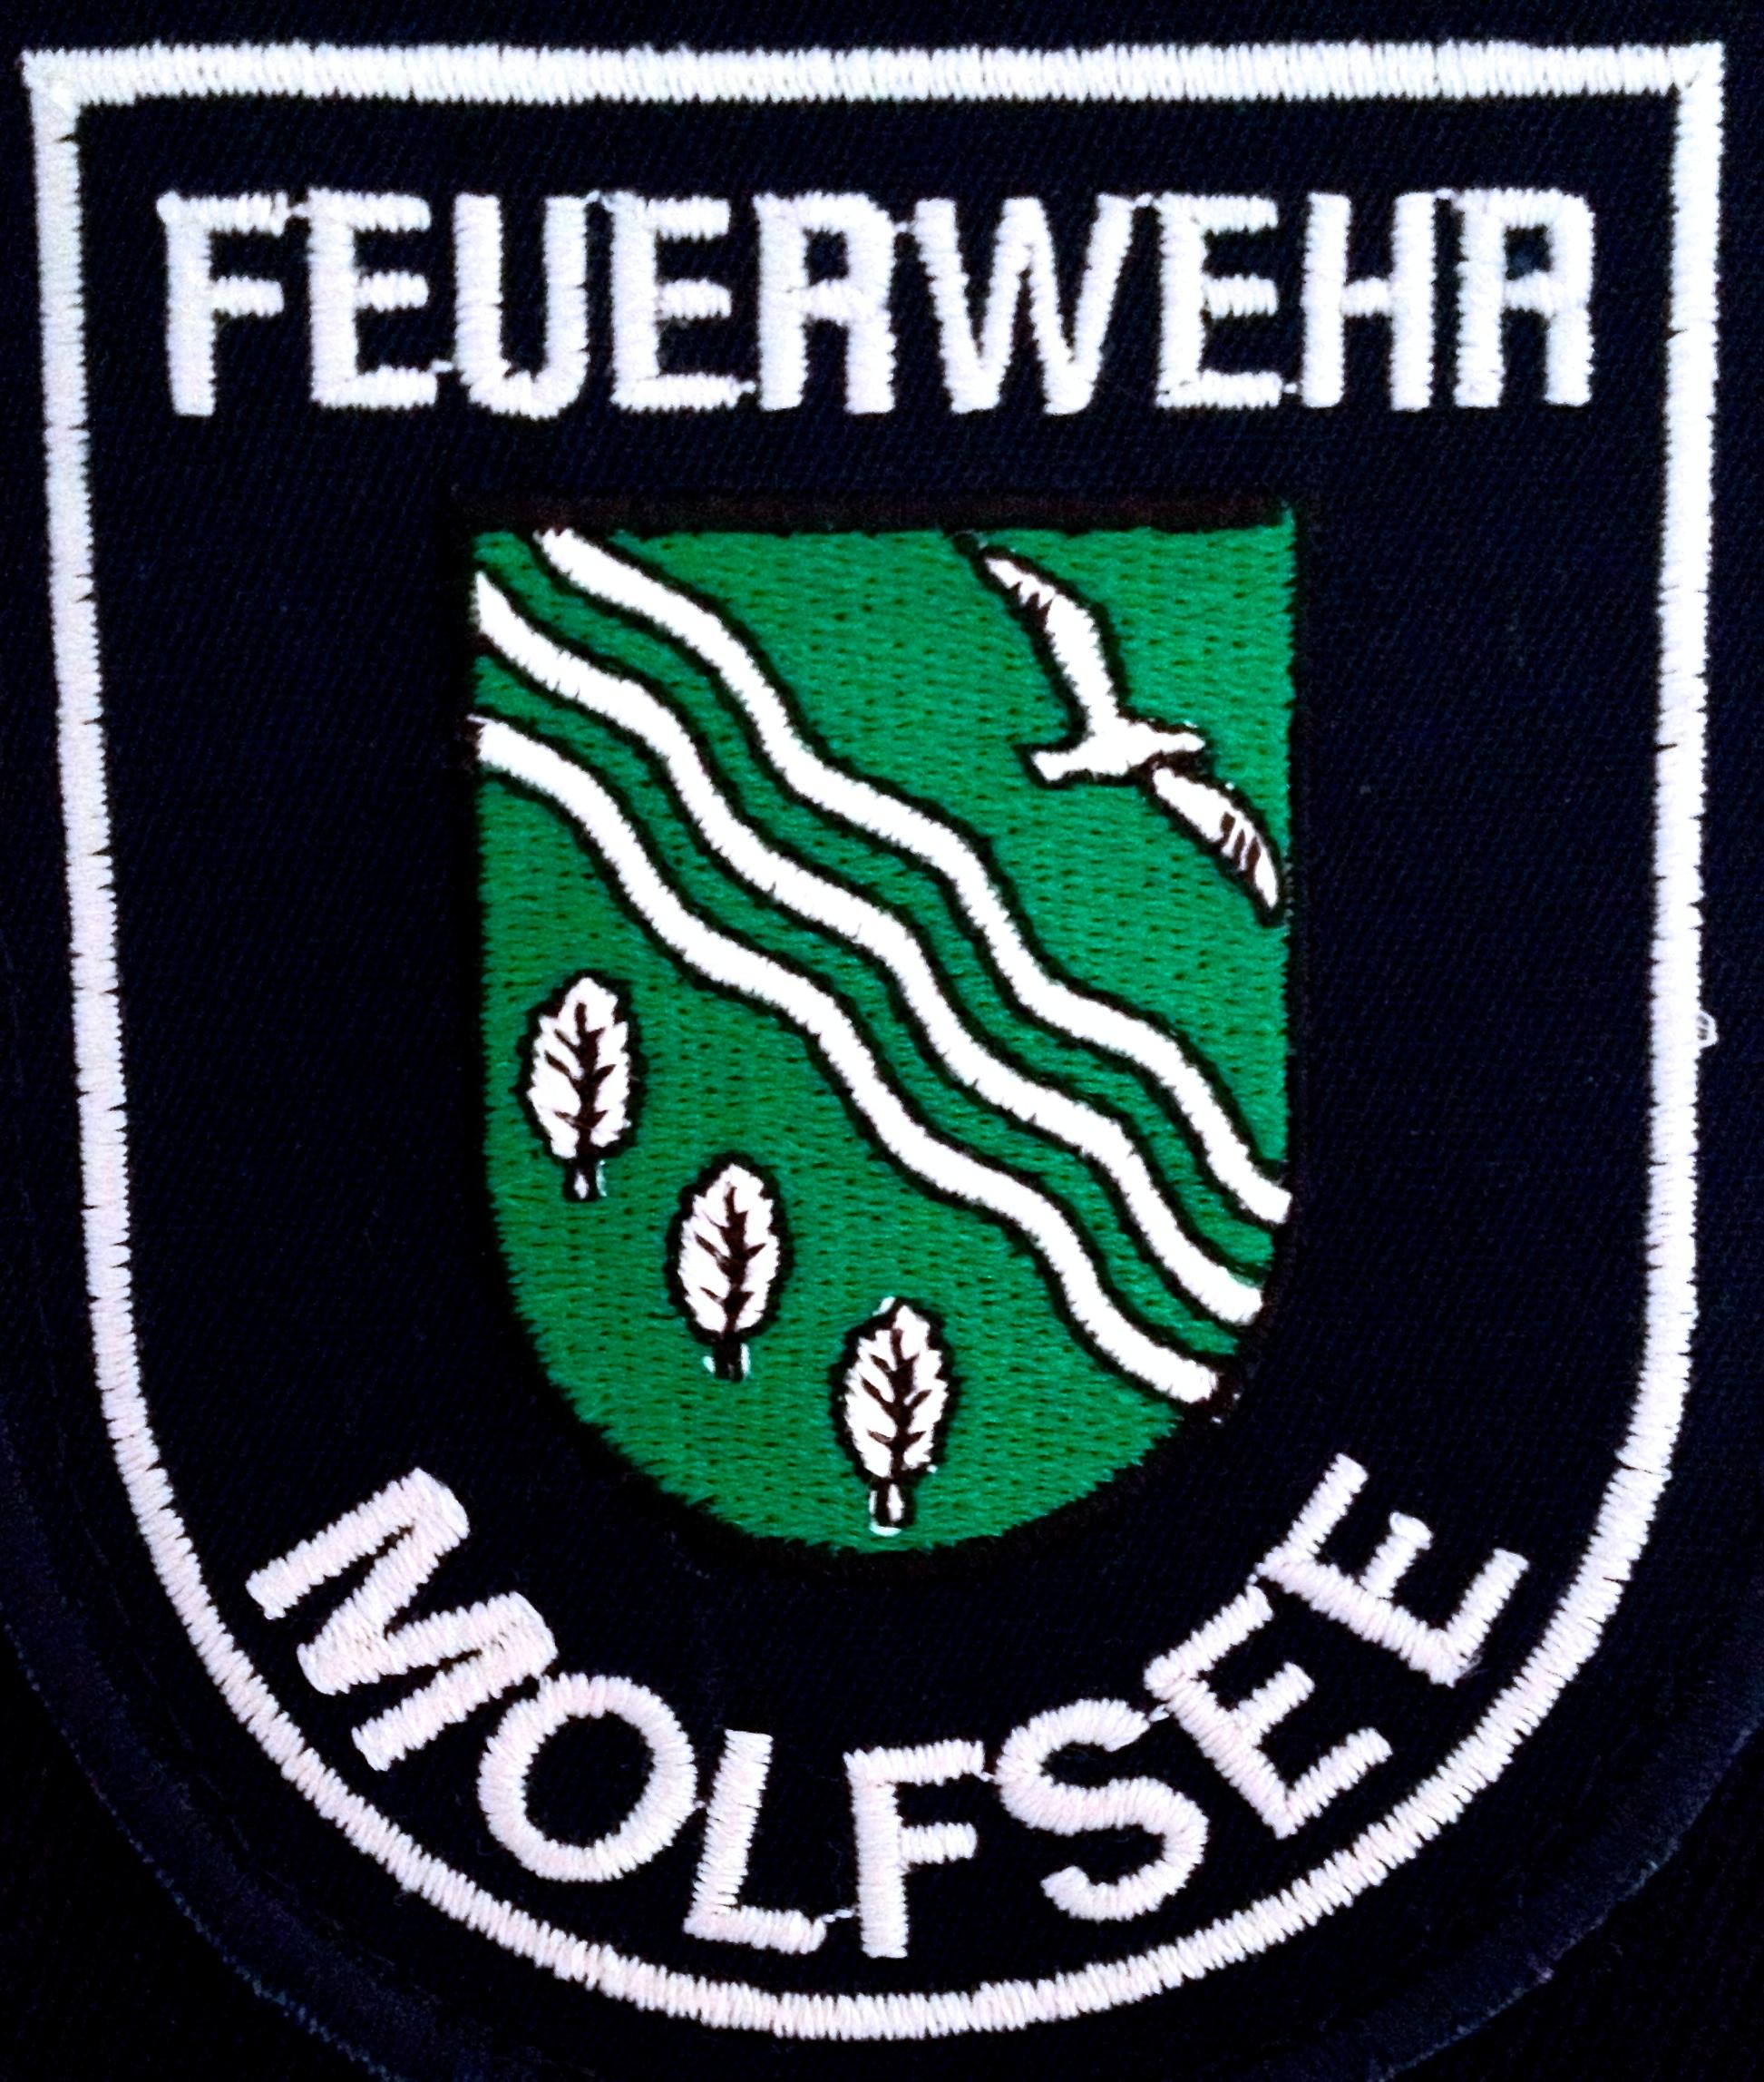 Feuerwehr Molfsee